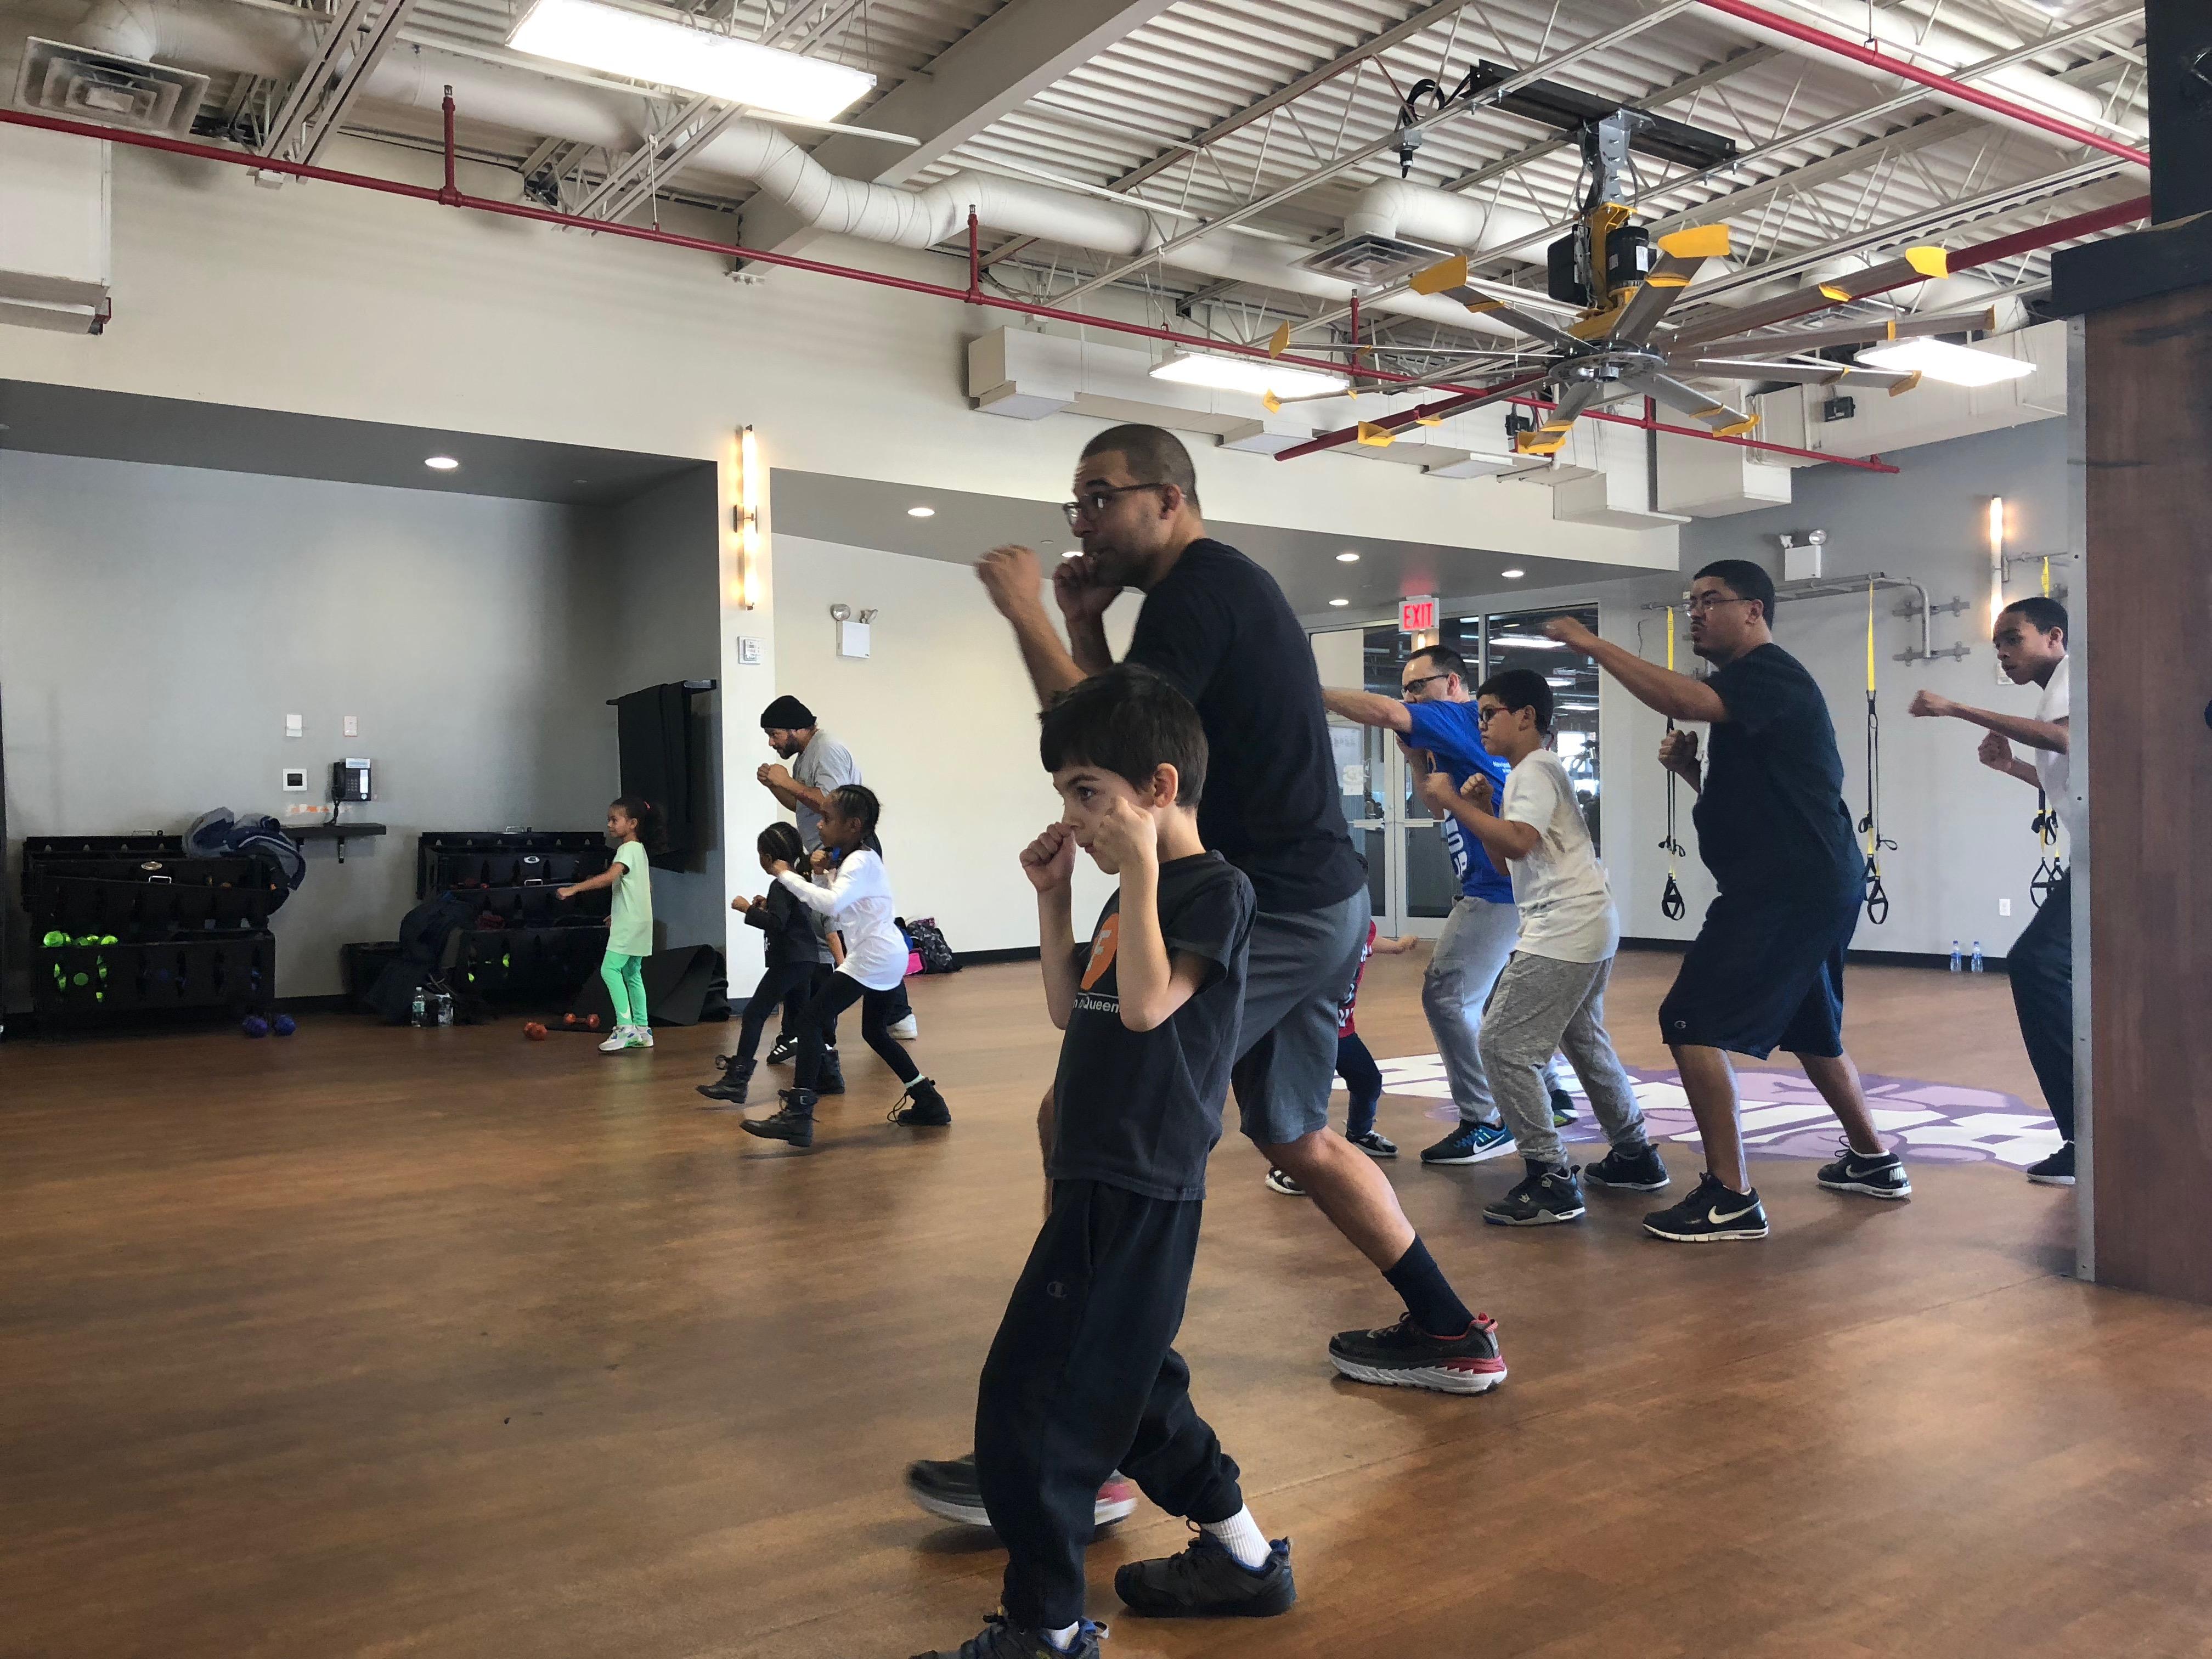 Father Child Boxing #FatherhoodIsLit Crunch Gym